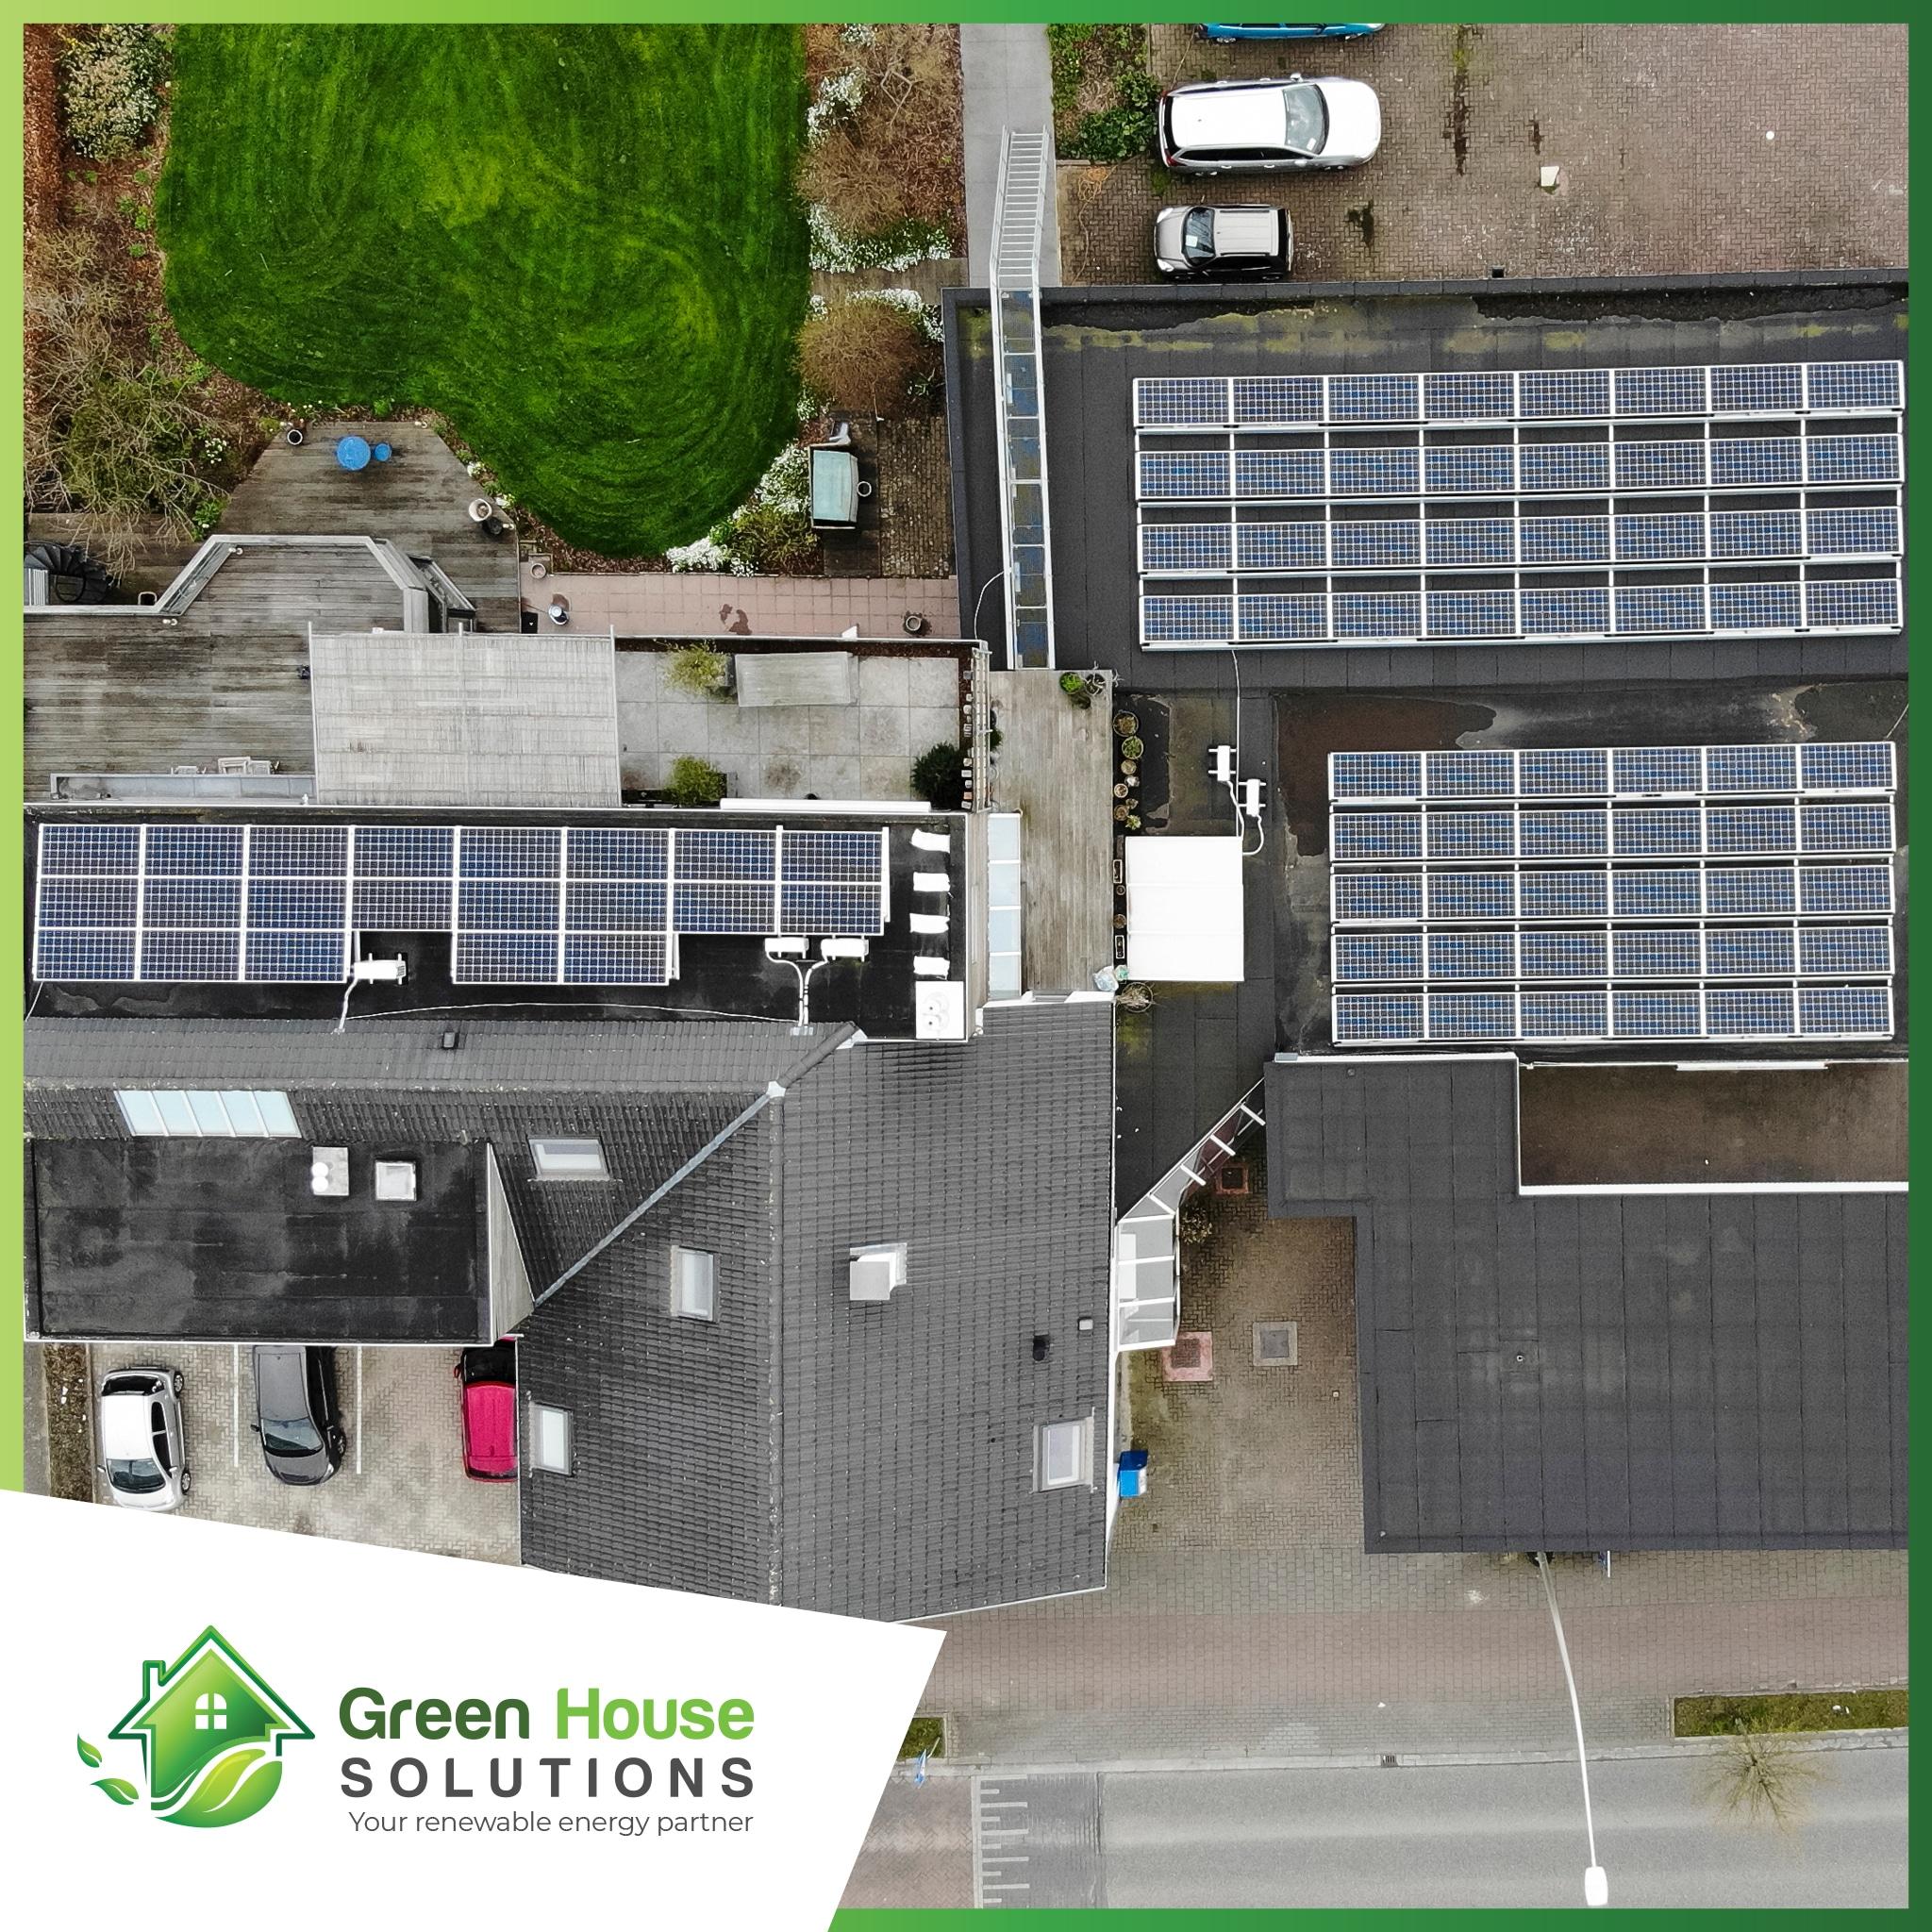 Green House Solutions zonnepanelen plaatsen installeren of kopen 00044